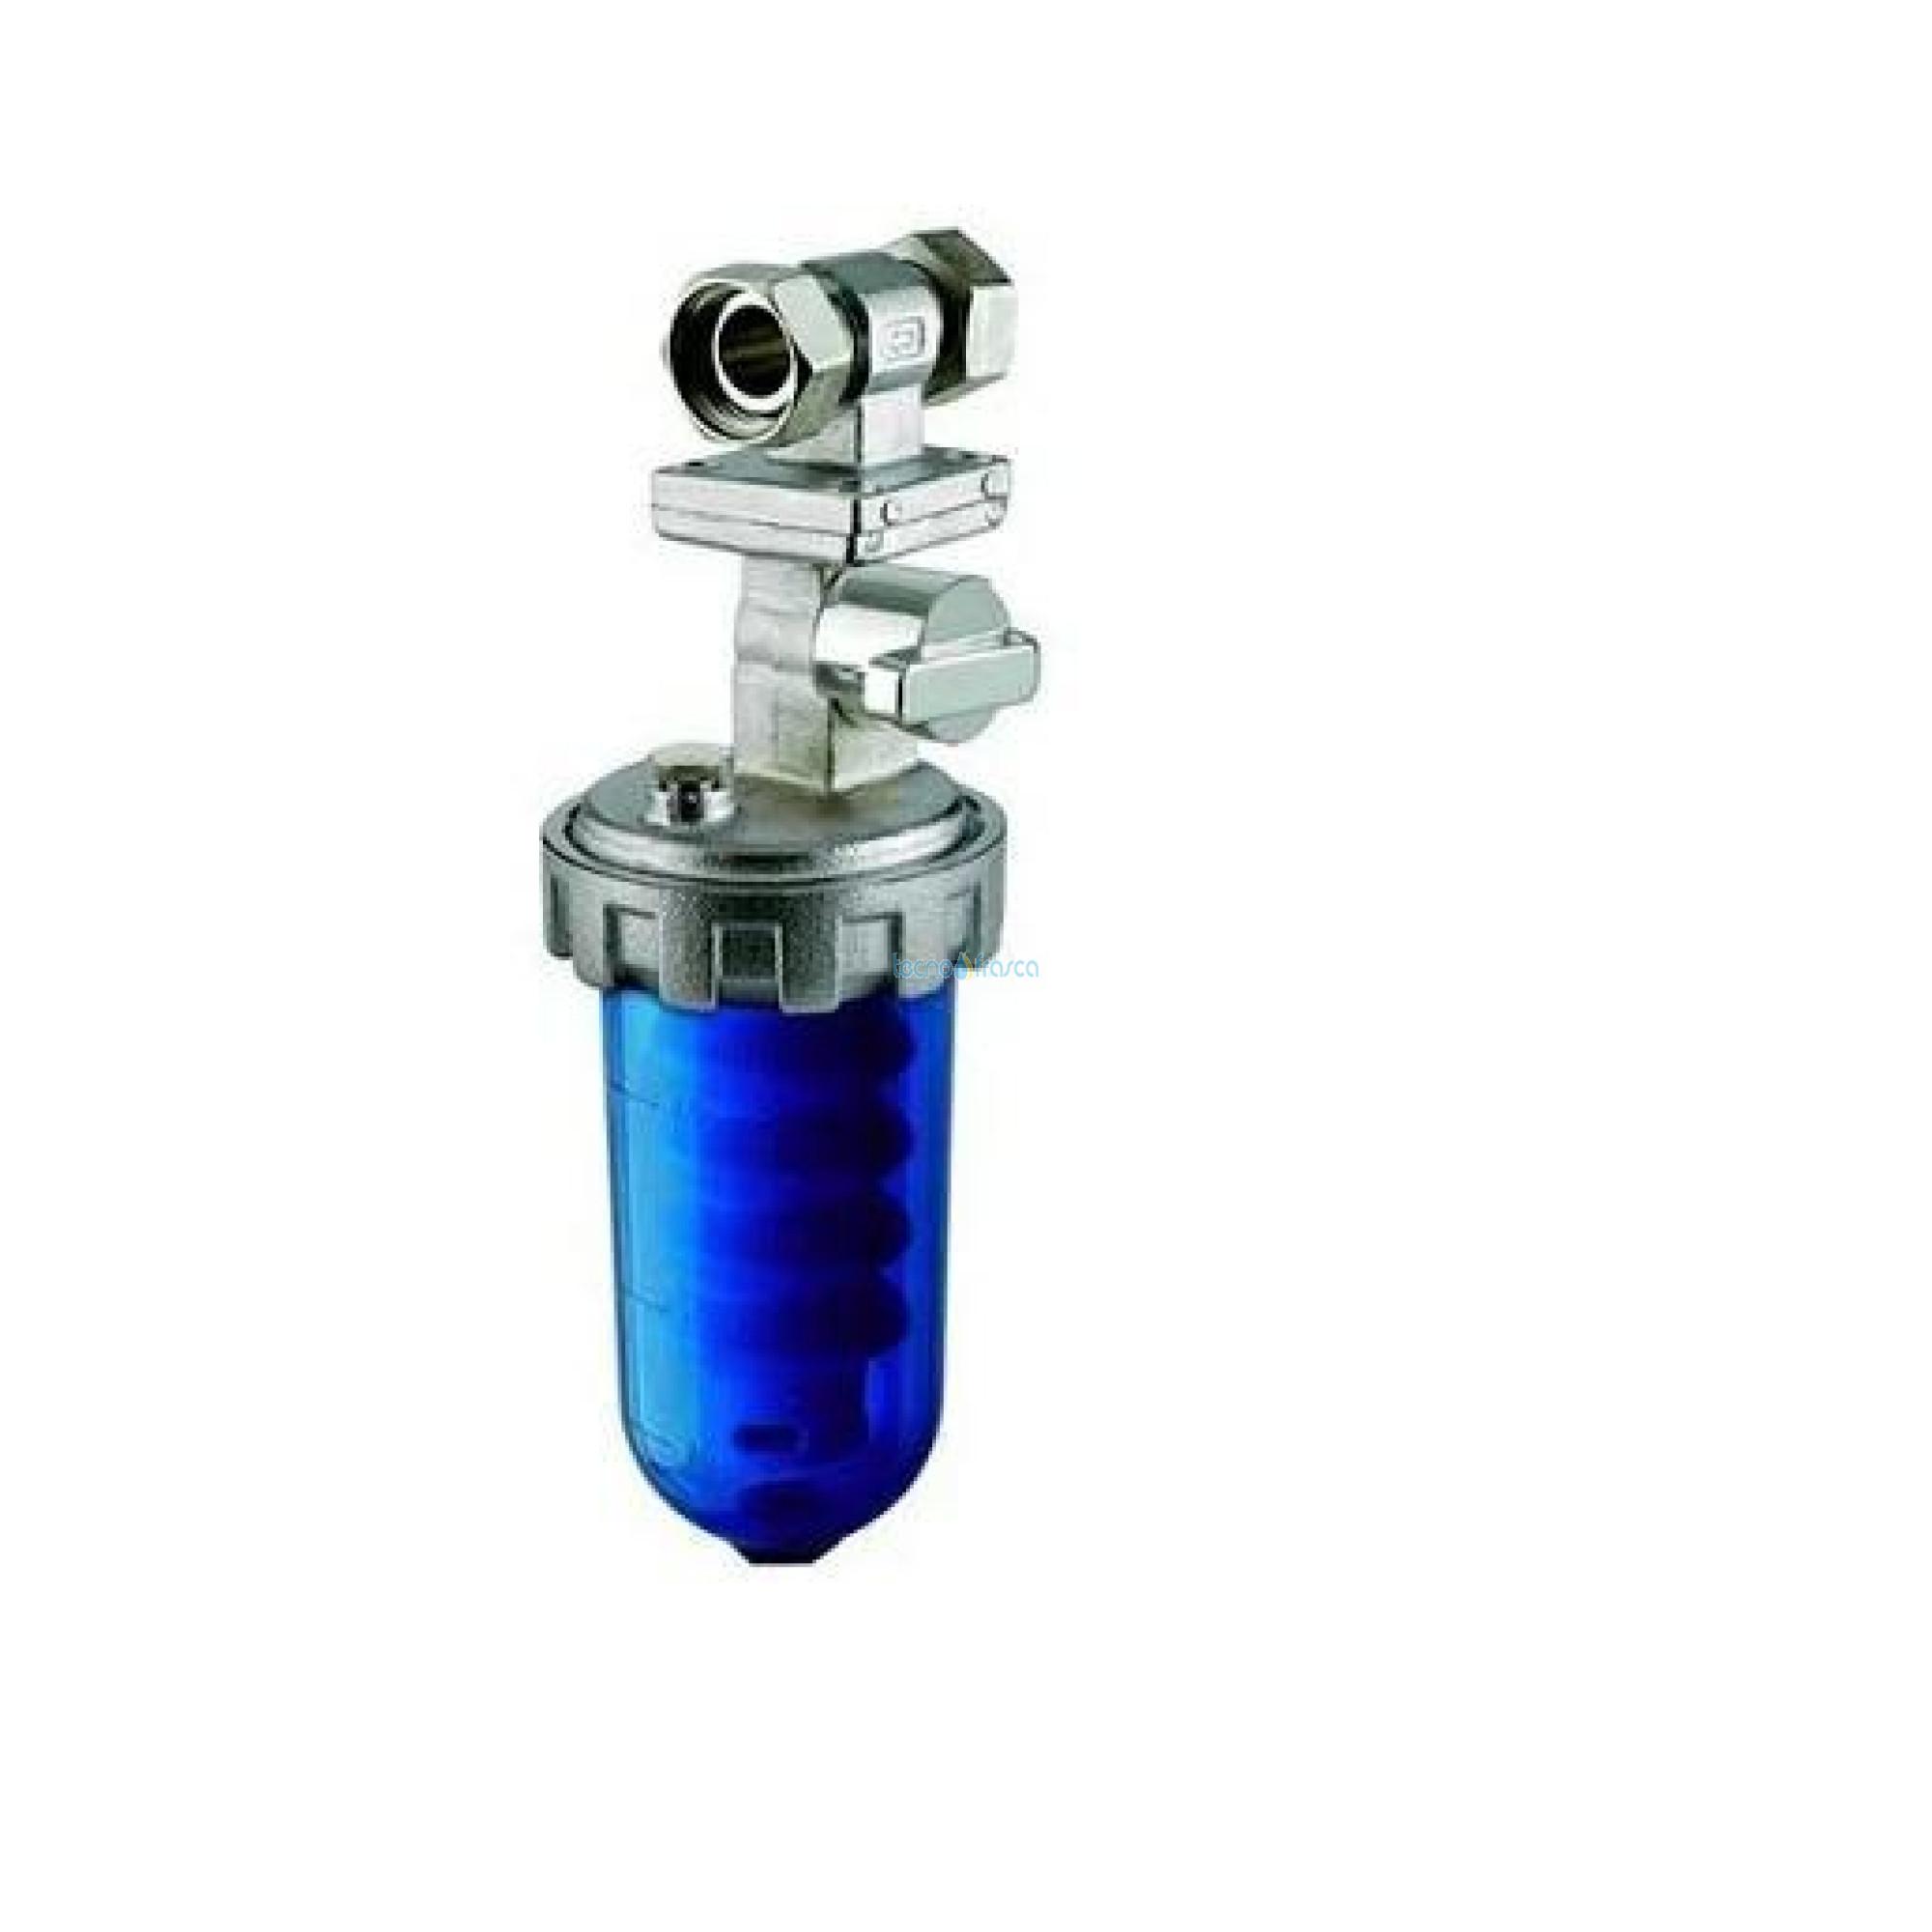 Aquamax dosatore Polifosfati blu stop spazio 1/2-1/2 10160025